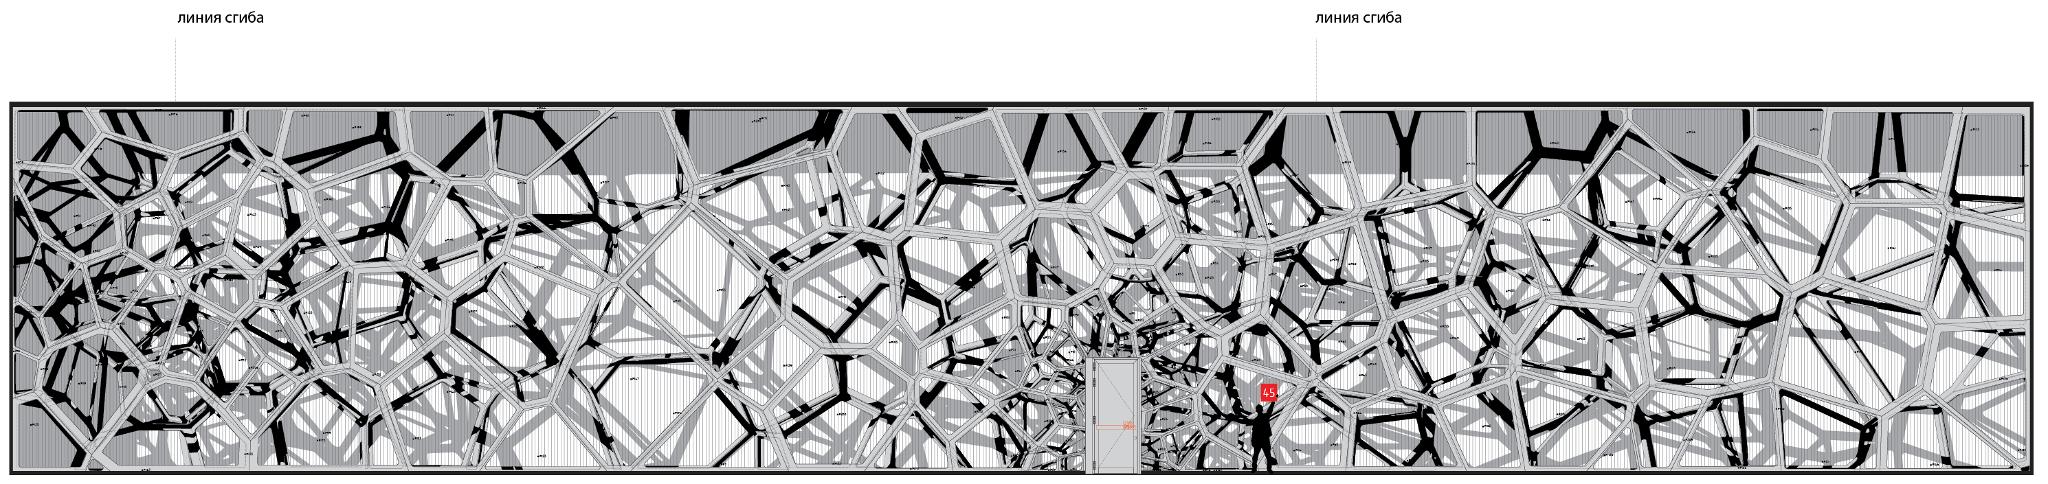 facade print_UNK_small rez_o.png